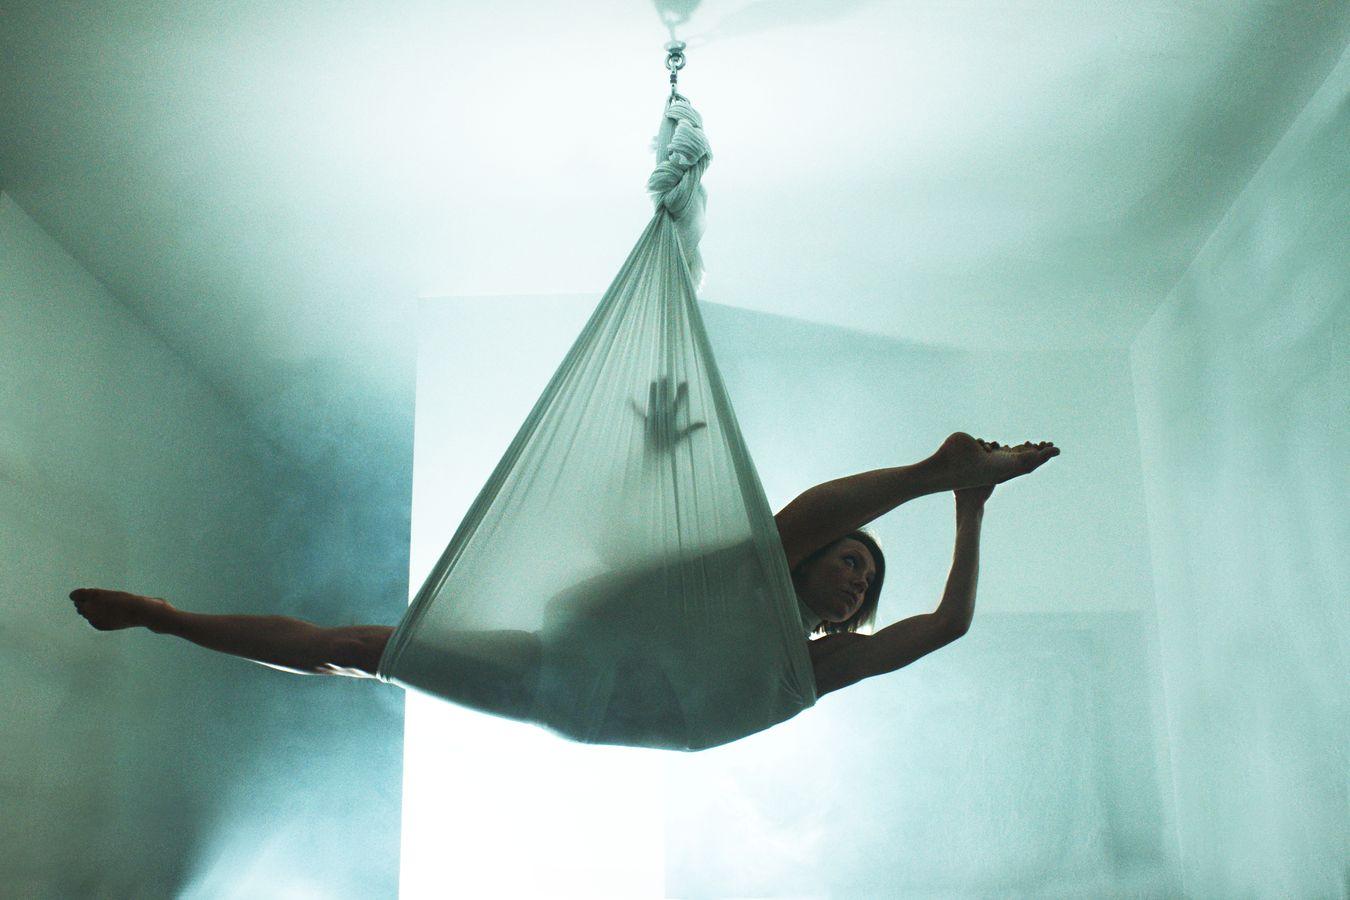 Dans un berceau aérien, Sydney Martinie fait du Yoga aérien. Alors qu'elle est en grand écart, on voit l'ombre de sa main à travers le tissu.